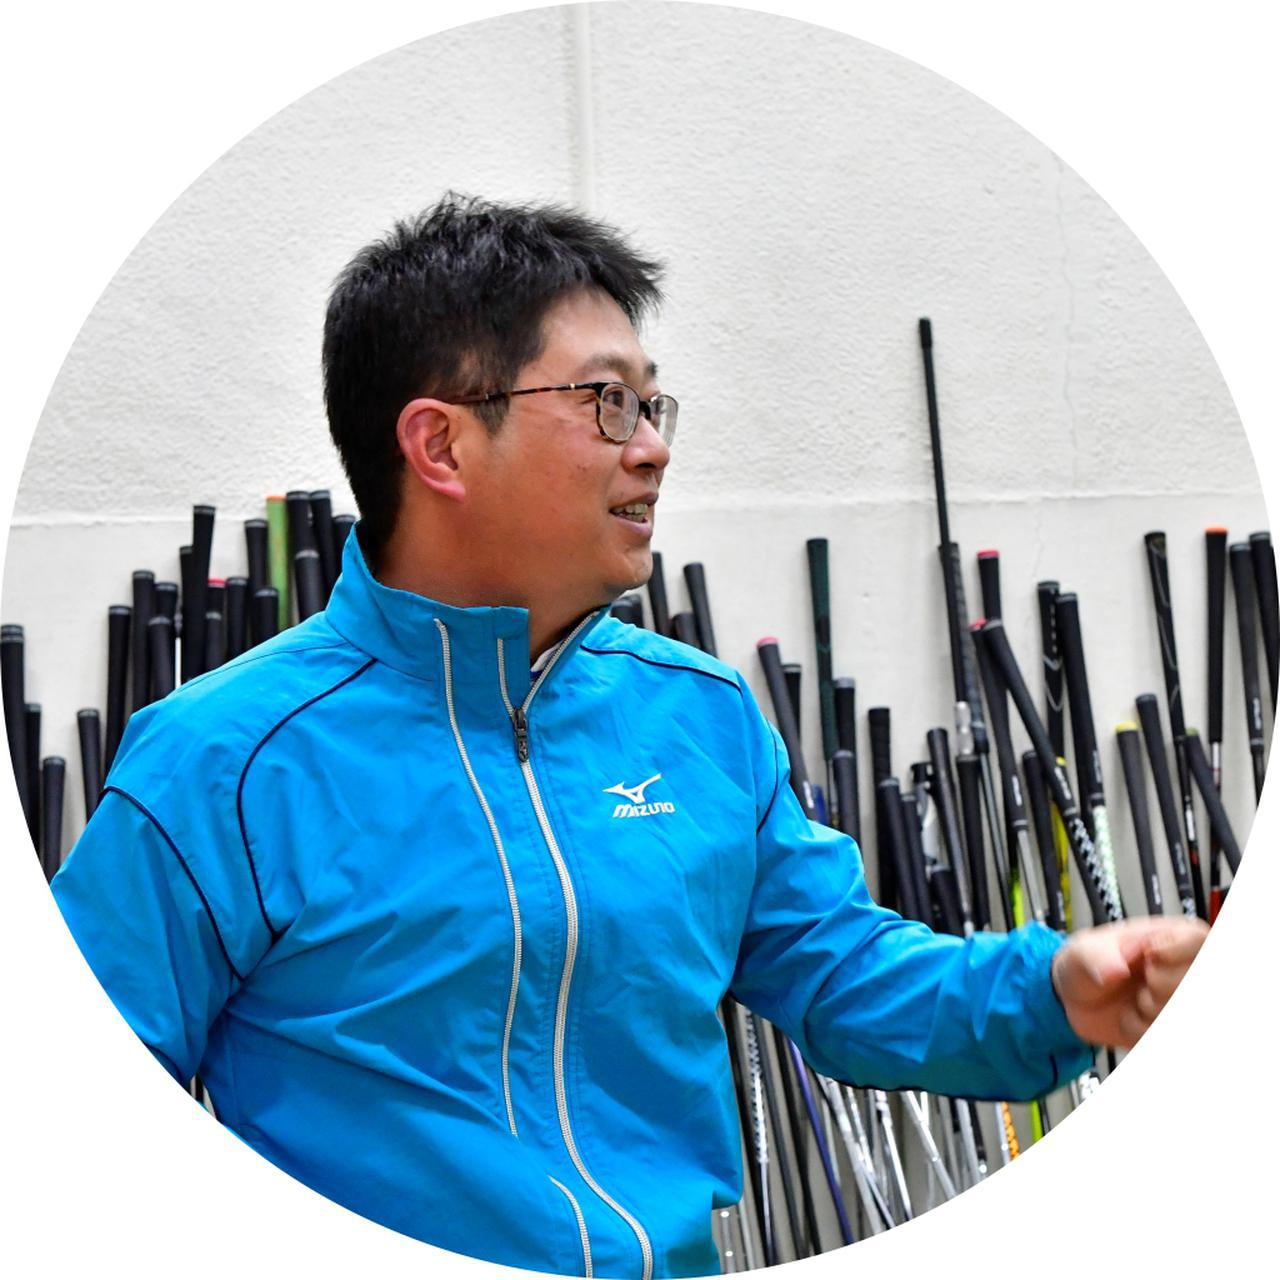 画像: 【解説】竹本直哉 1976年生まれ、和歌山県出身。2006~2010年、男子レギュラーツアーで活躍。その後、クラフトマンに。米国での学生時代は応用数学専攻